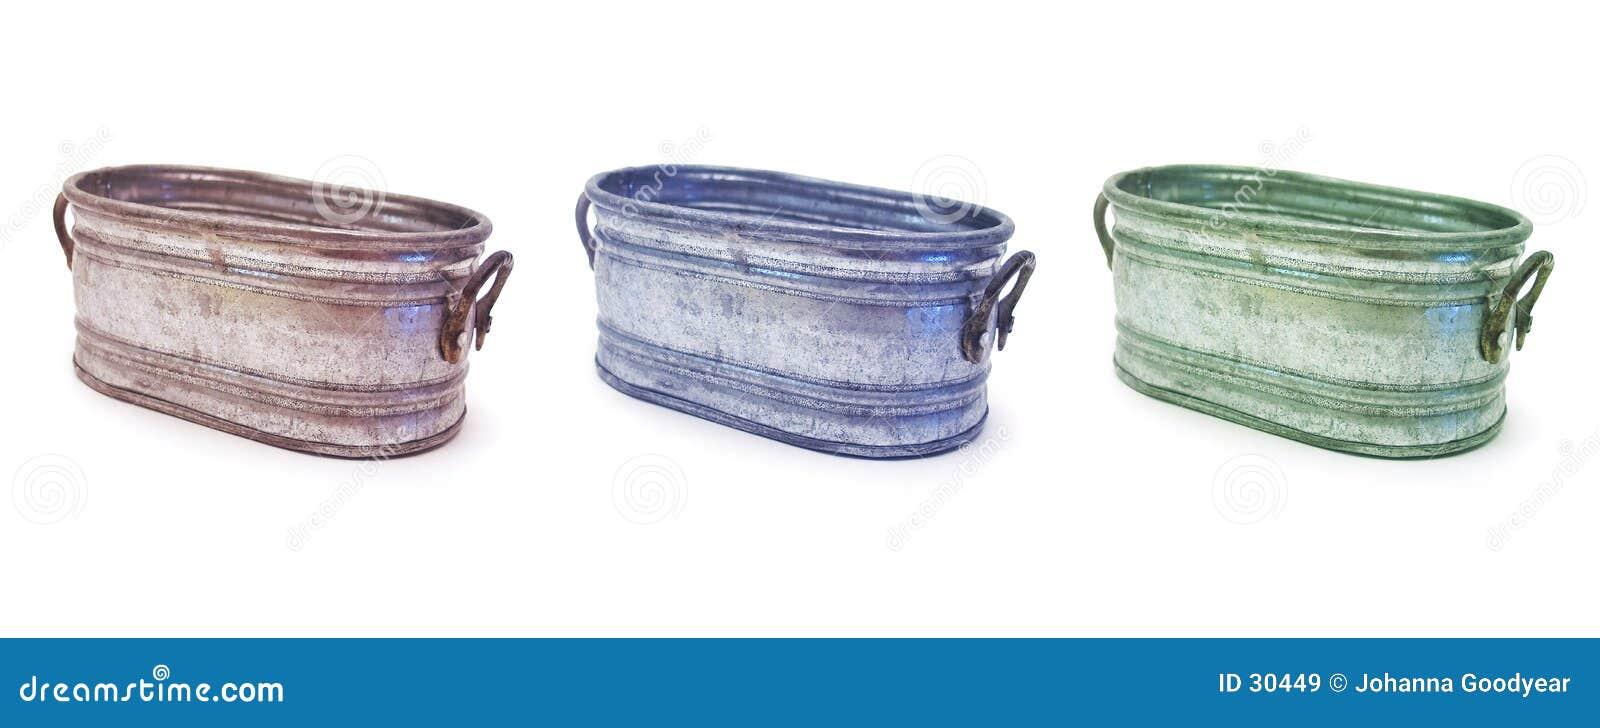 3 pails